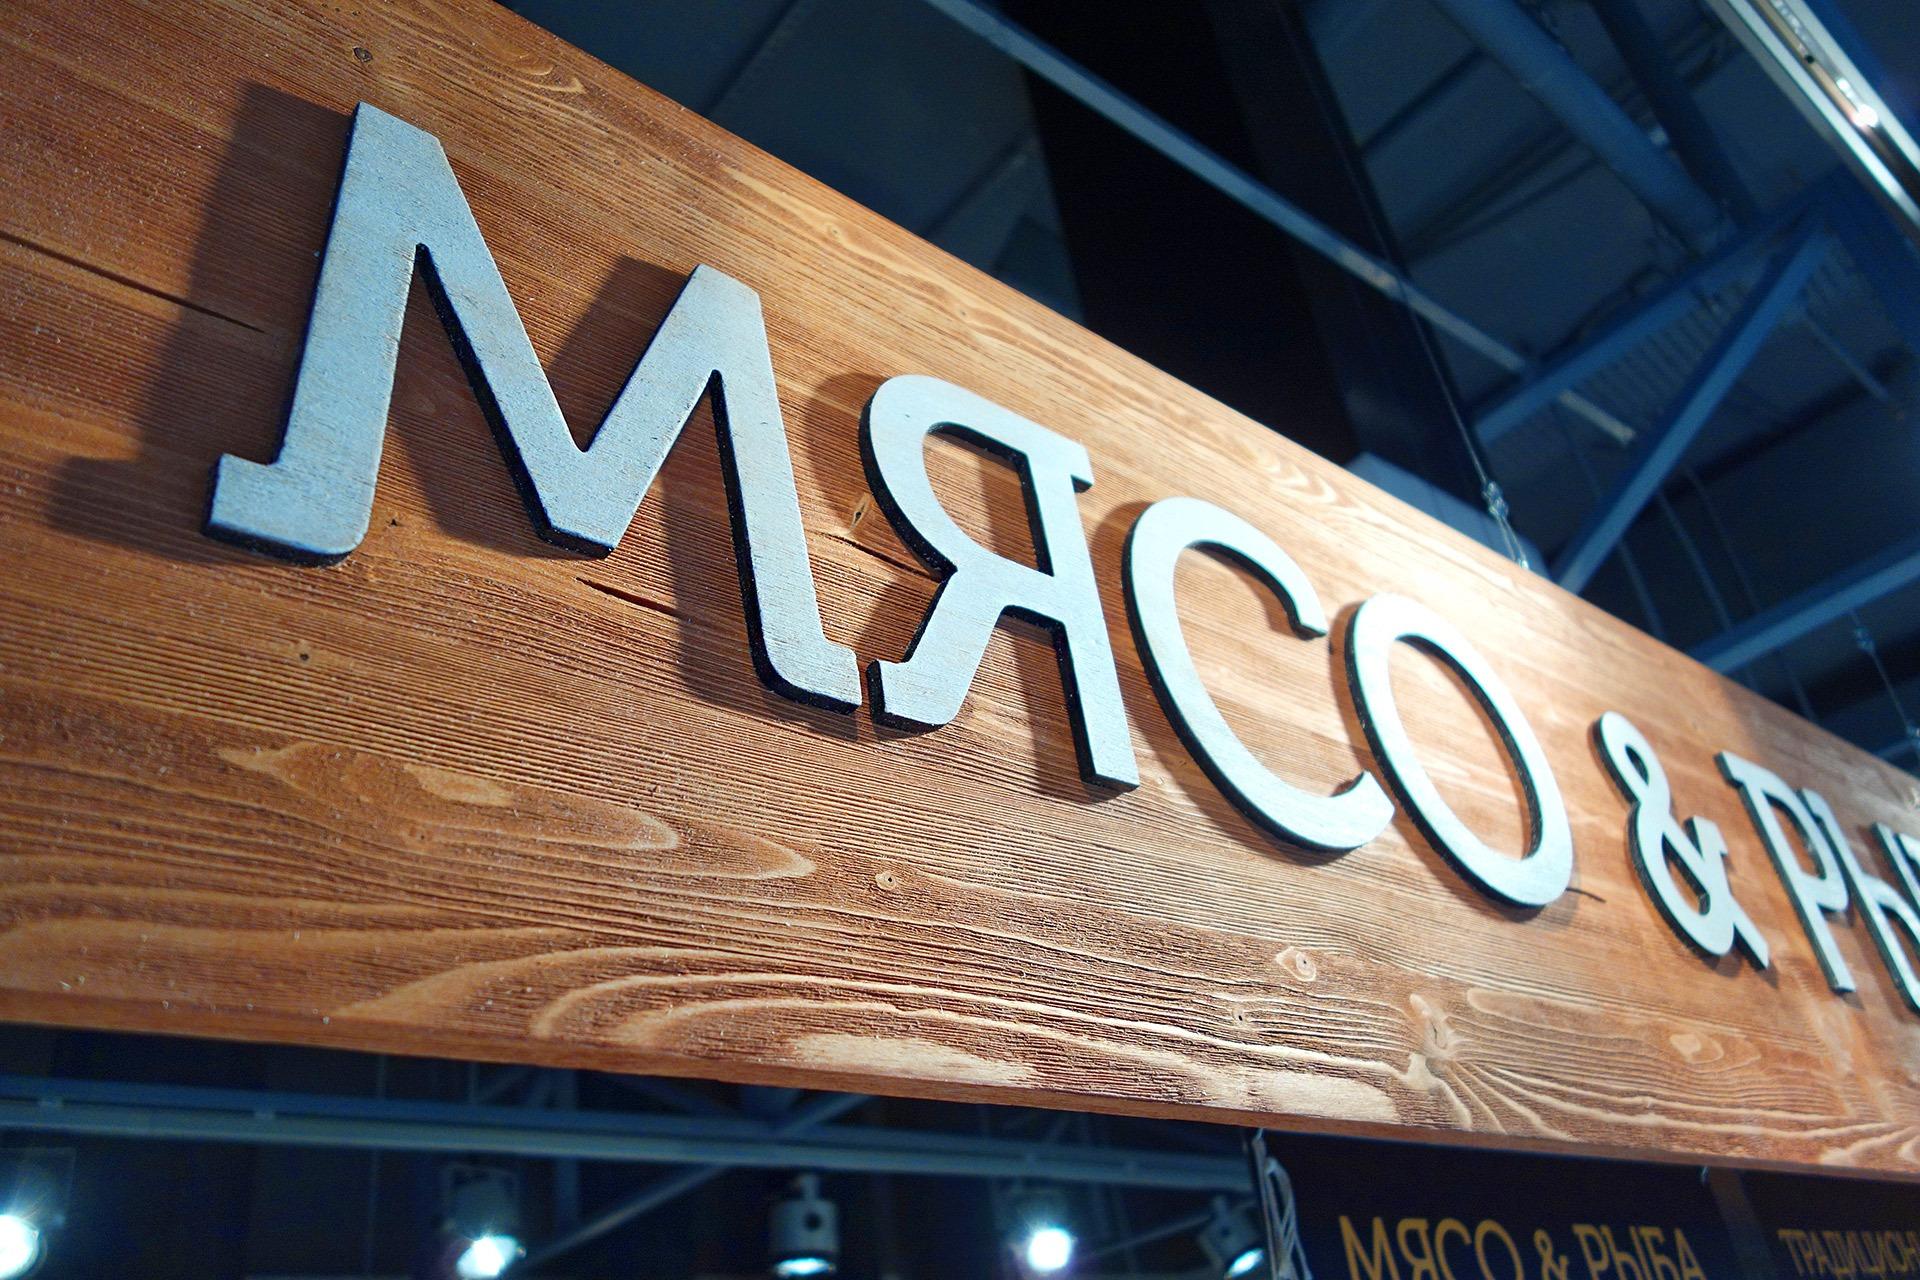 Асгард Брендинг, фирменный стиль, вывеска названия станции, ресторан Marketplace, система графической навигации, средовой дизайн, брендинг ресторана